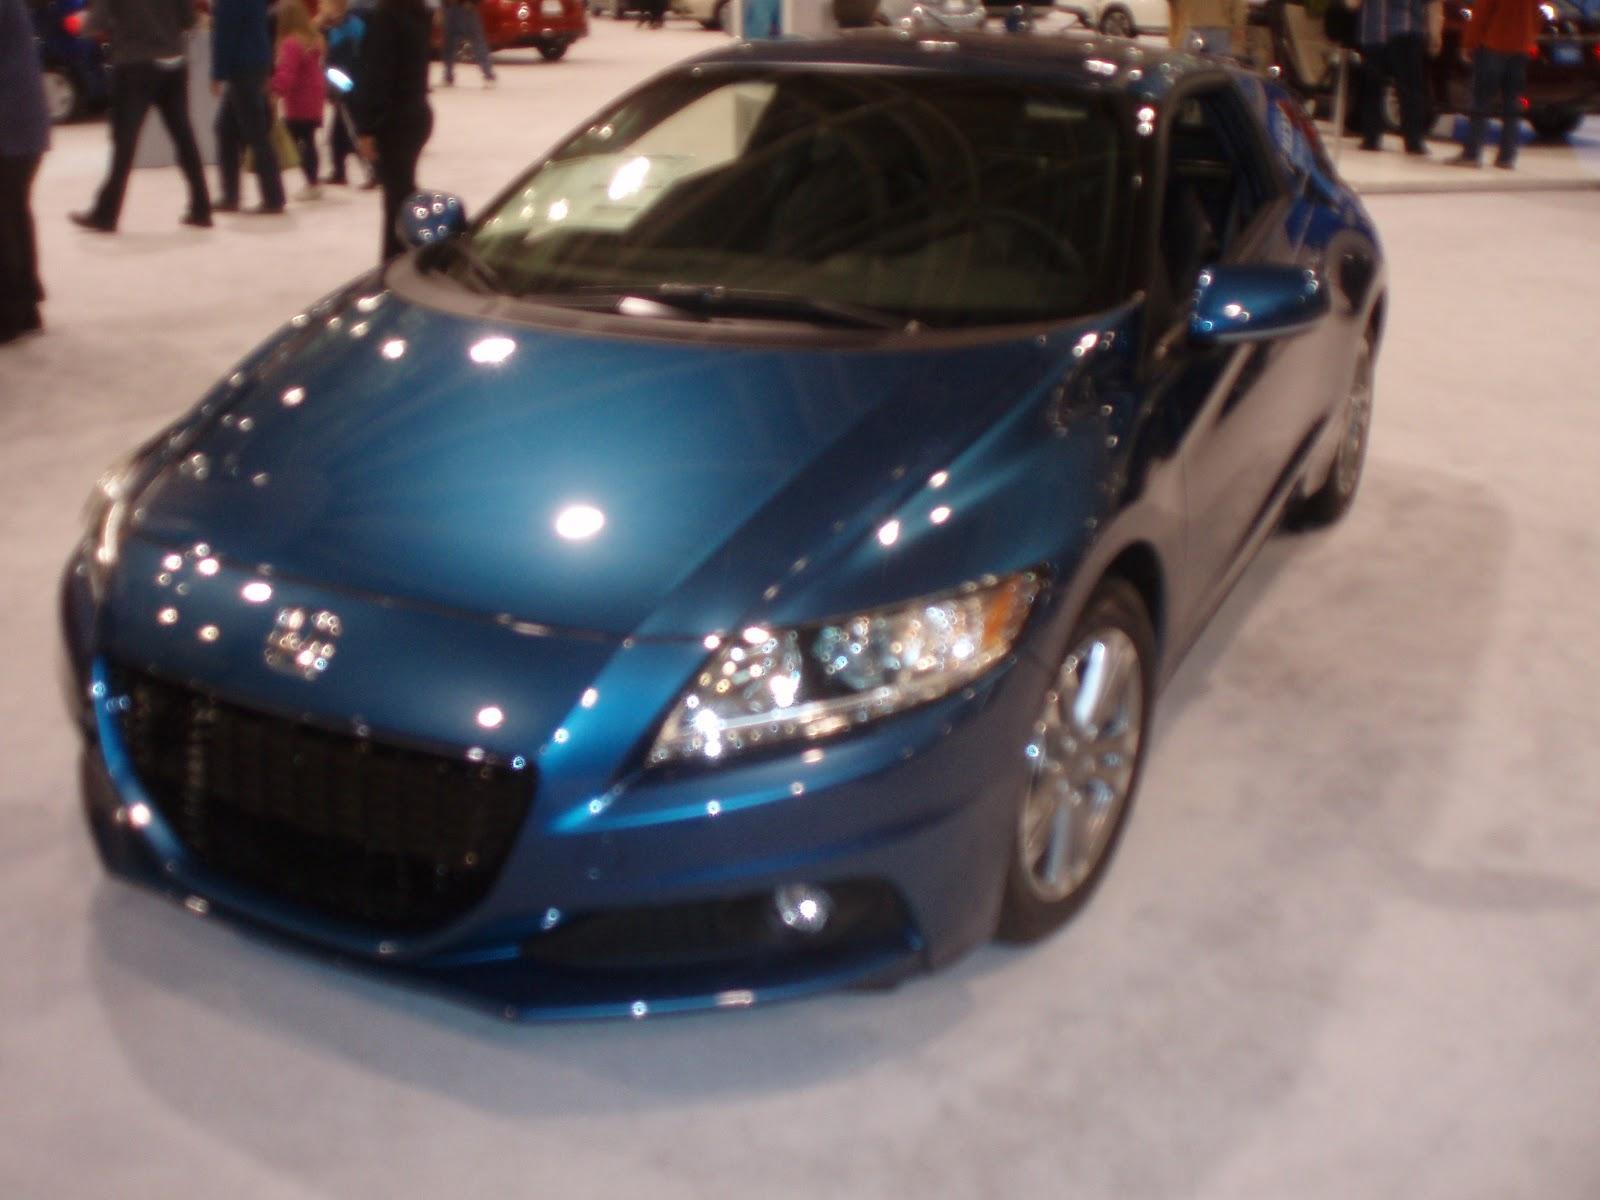 ToyotaLexus Lover Minneapolis Minnesota Auto Show - Minneapolis car show